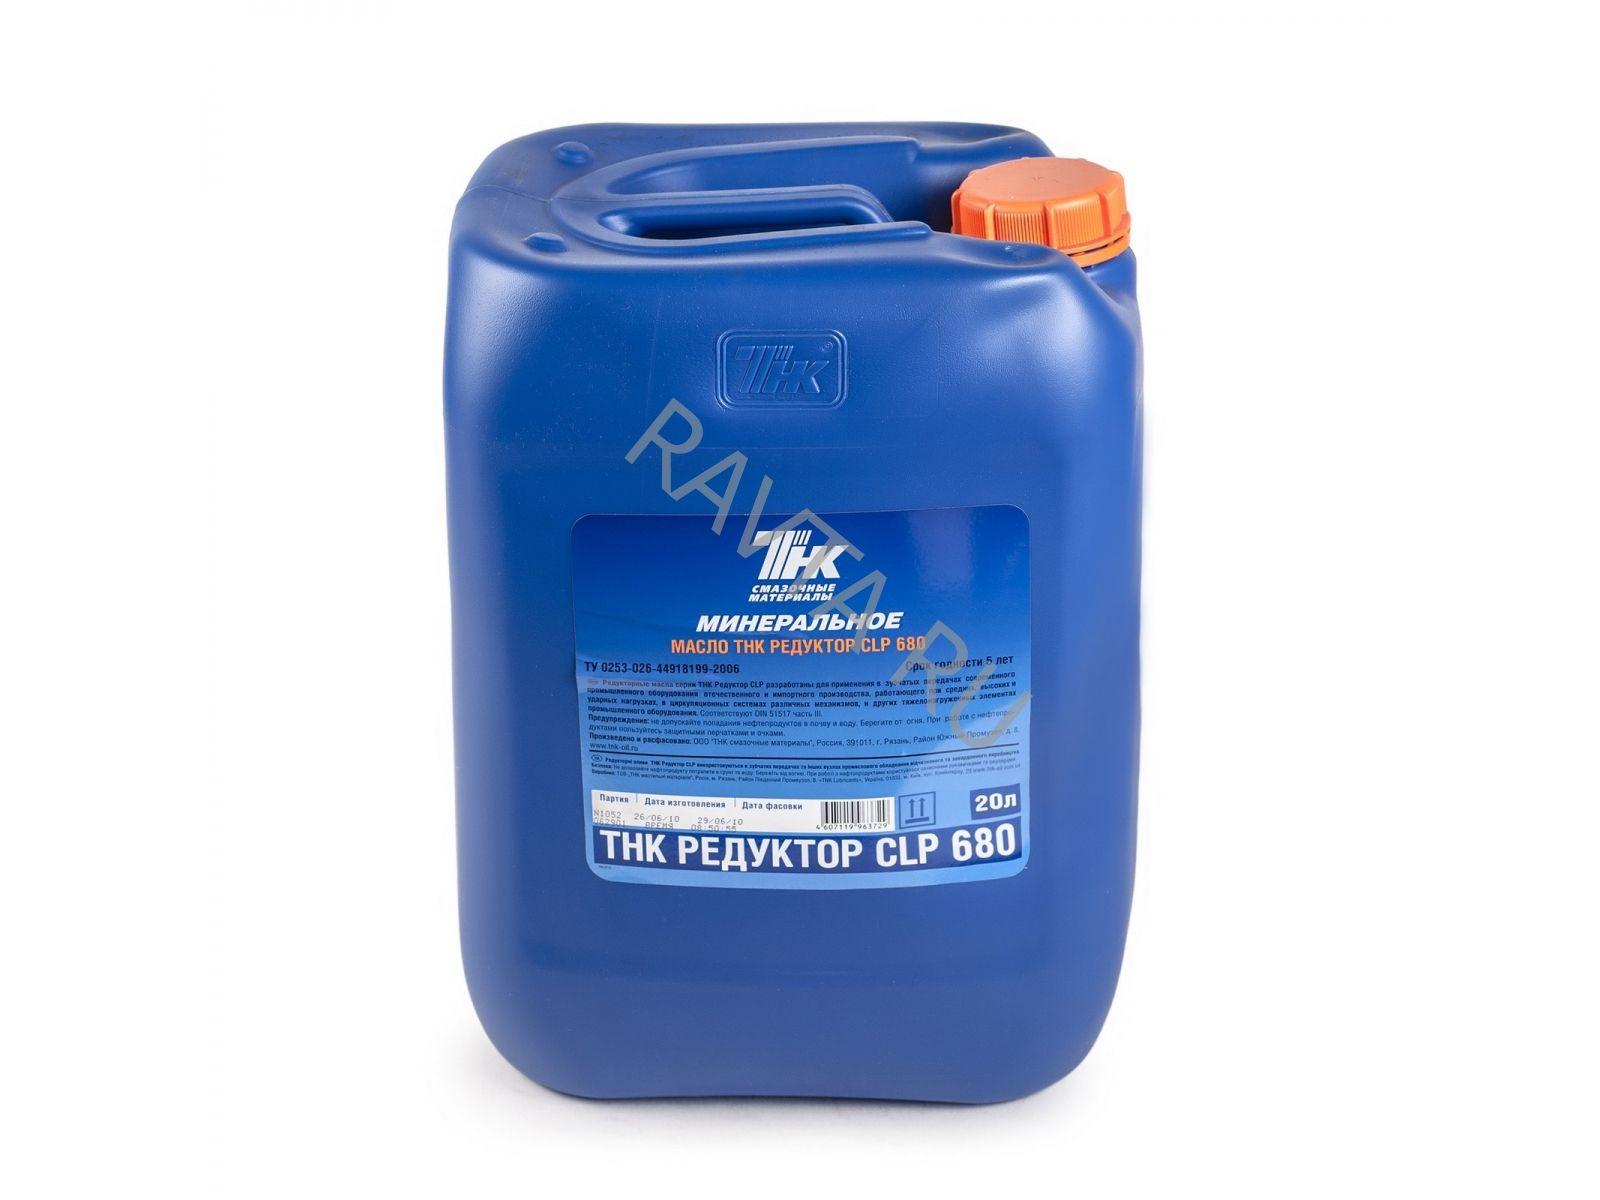 Масло для культиватора: какое заливать в редуктор и двс? замена масла для четырехтактных двигателей. можно ли использовать автомобильное?